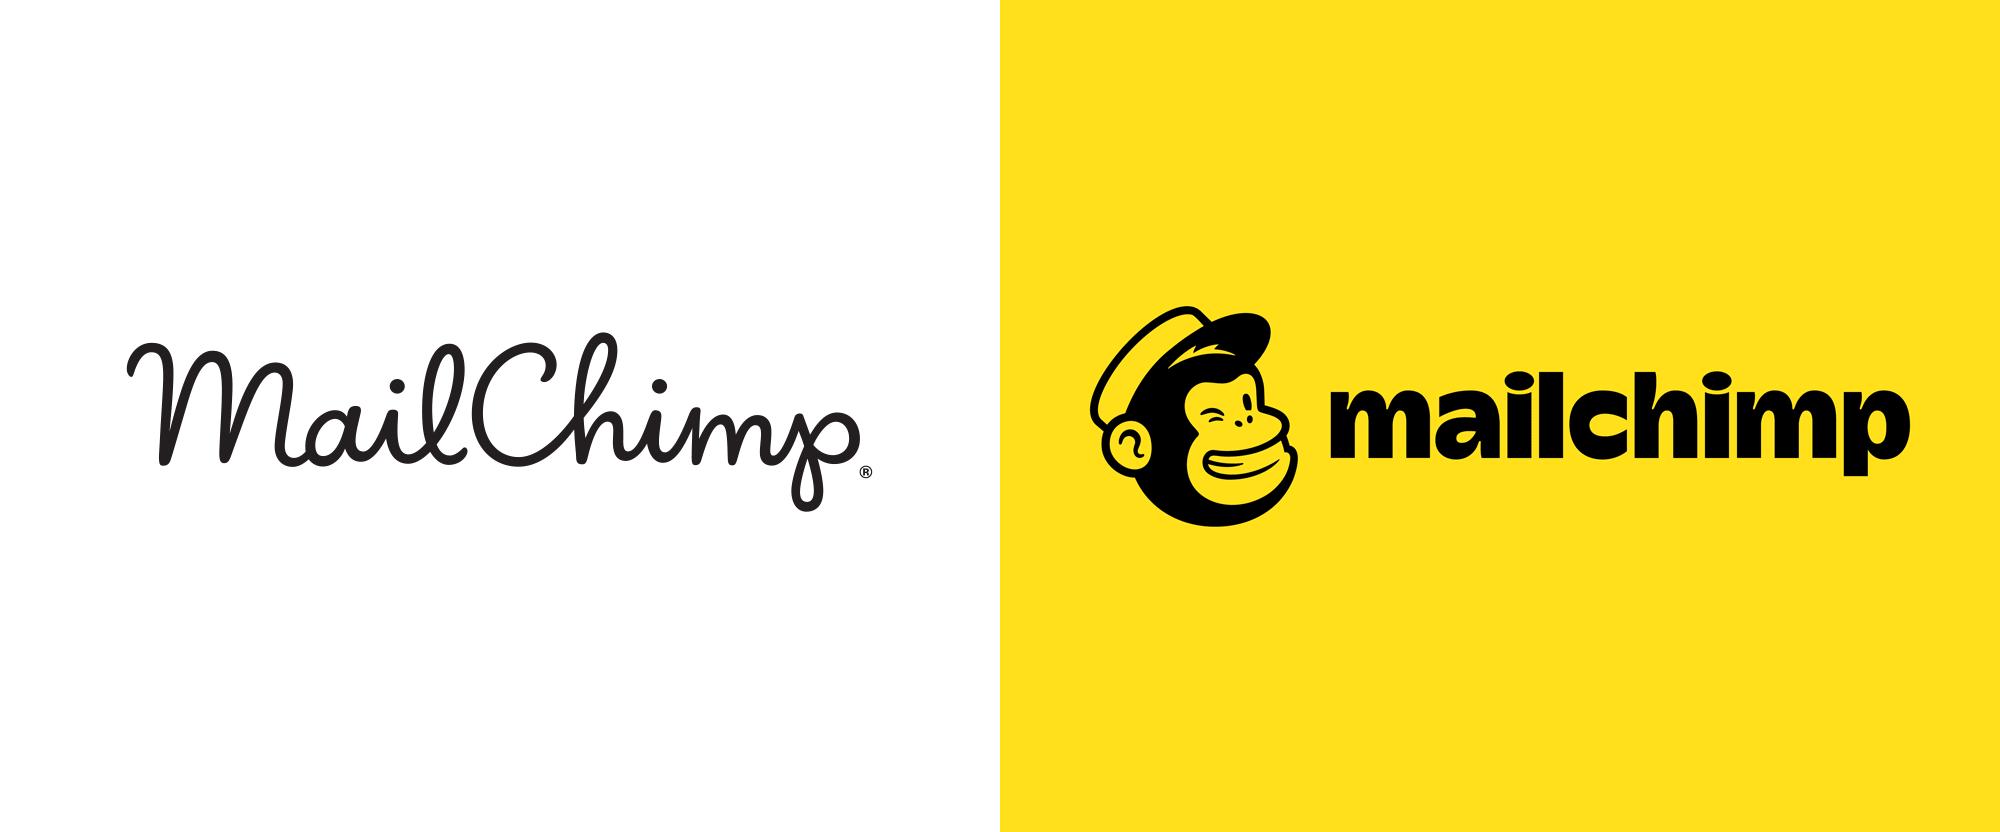 2018 rebrands - MailChimp